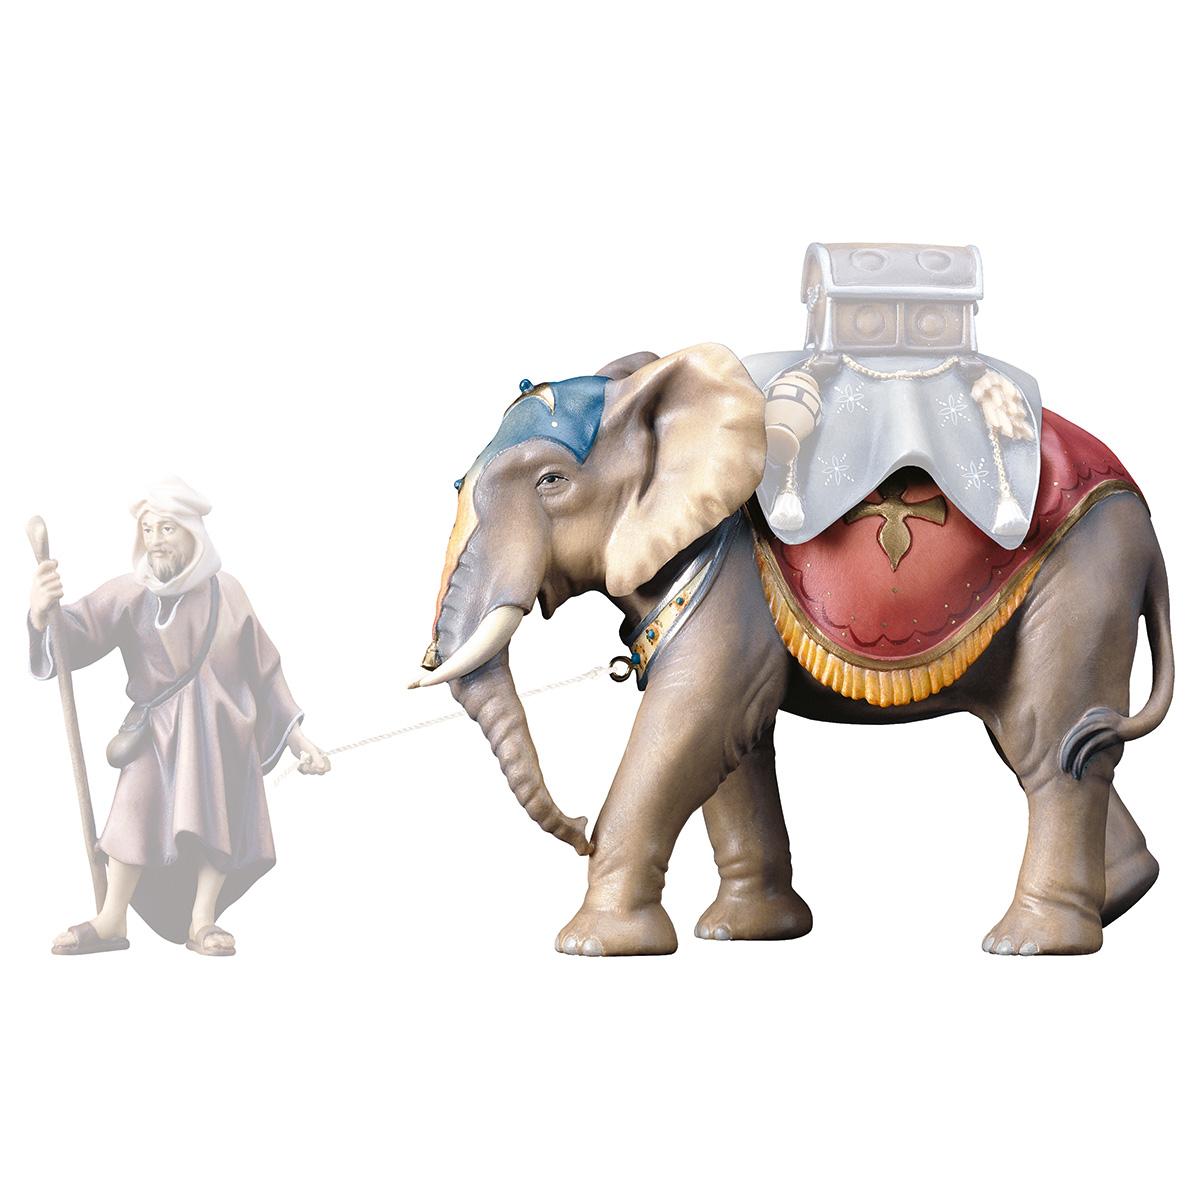 Elefant stehend (ohne Sattel und Treiber)